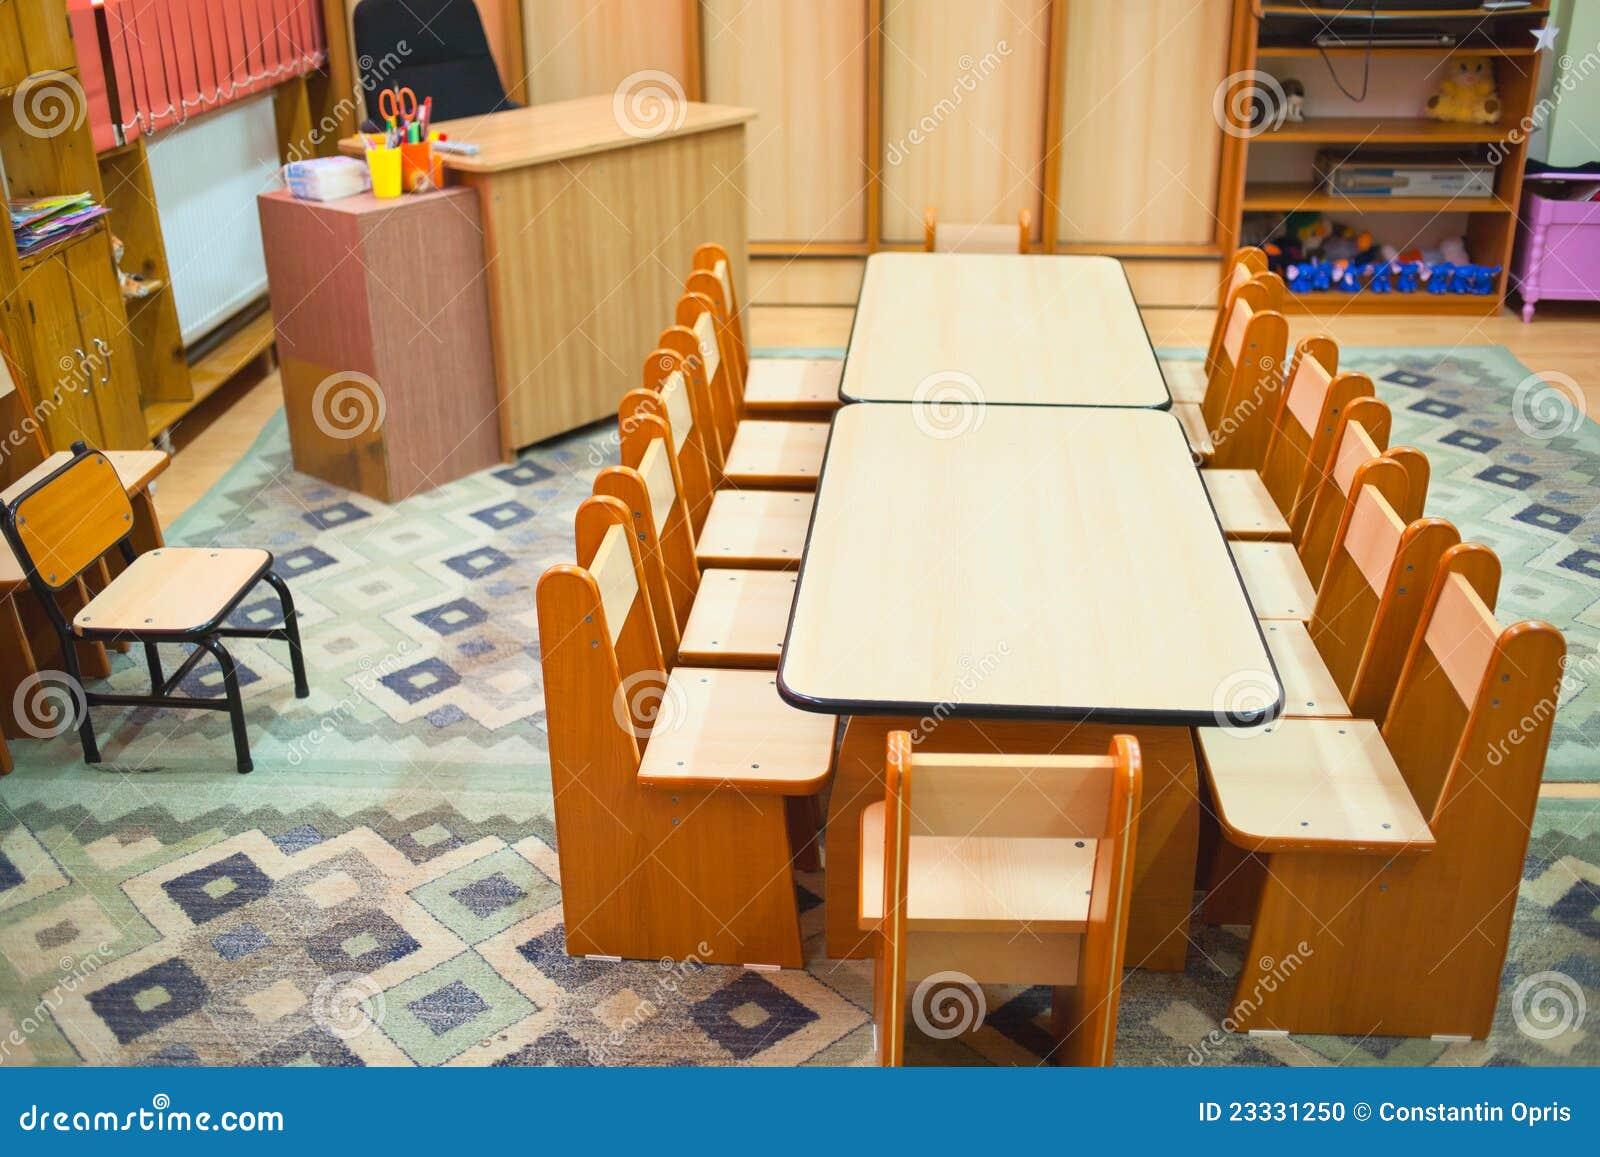 Classroom Furniture For Kindergarten ~ Kindergarten classroom stock photo image